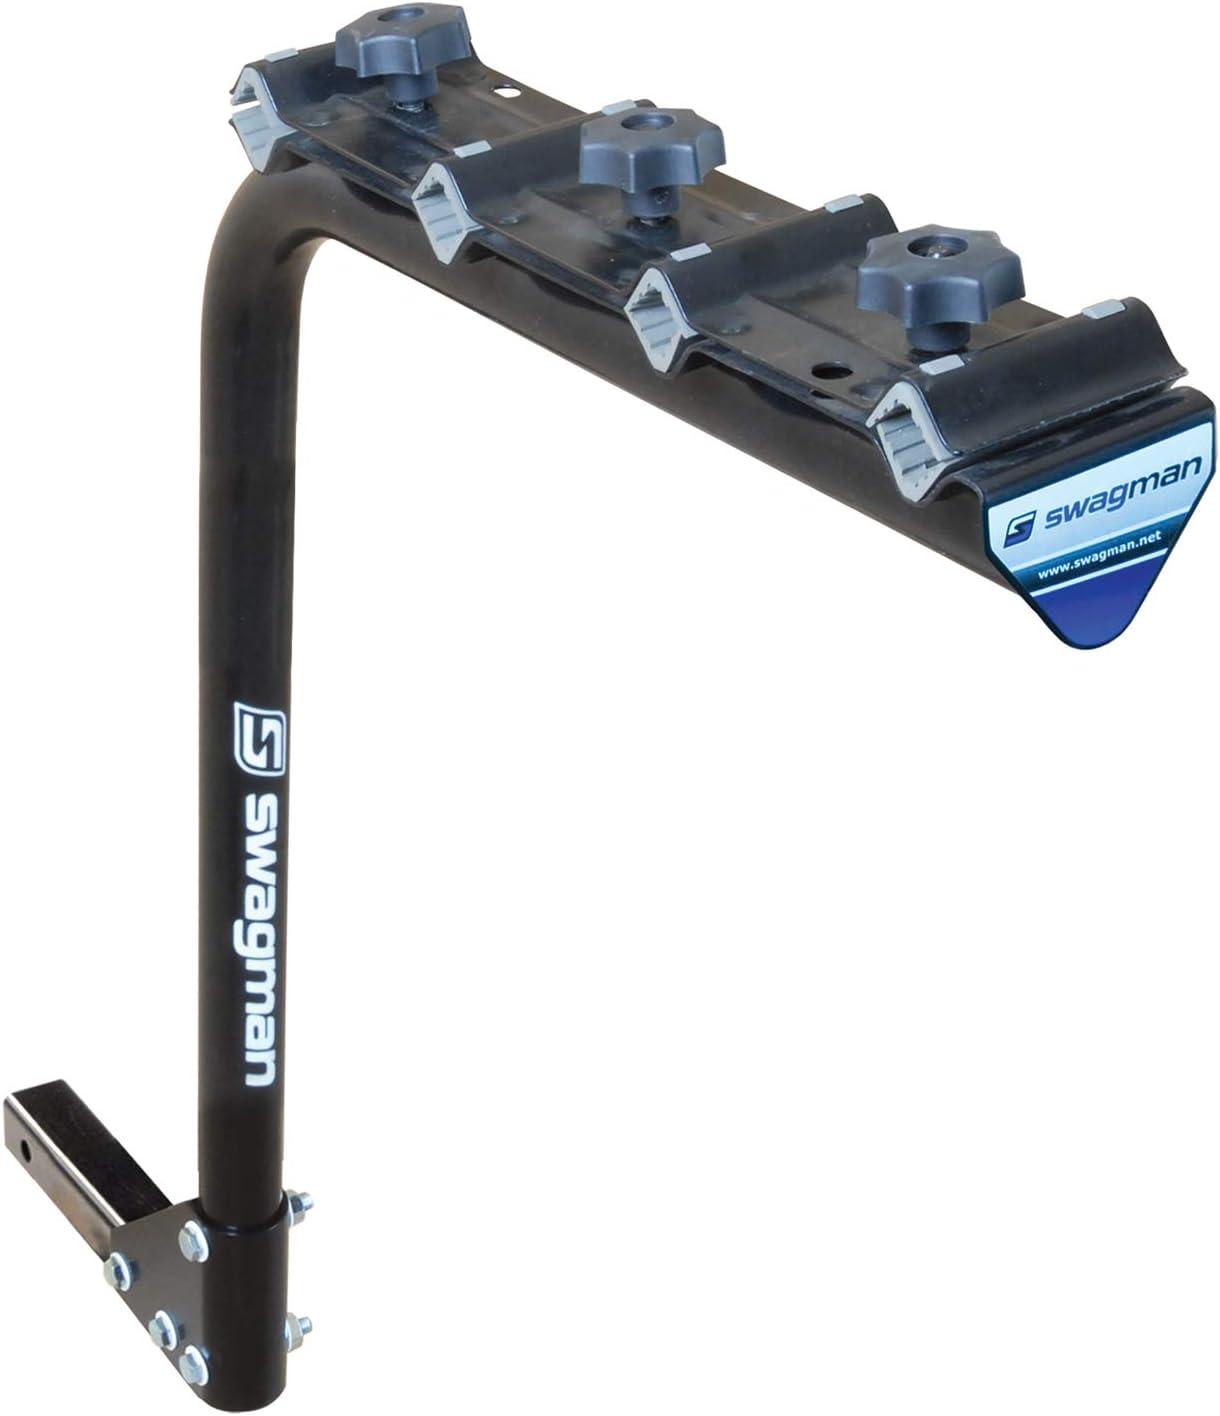 Swagman RV Bike Rack